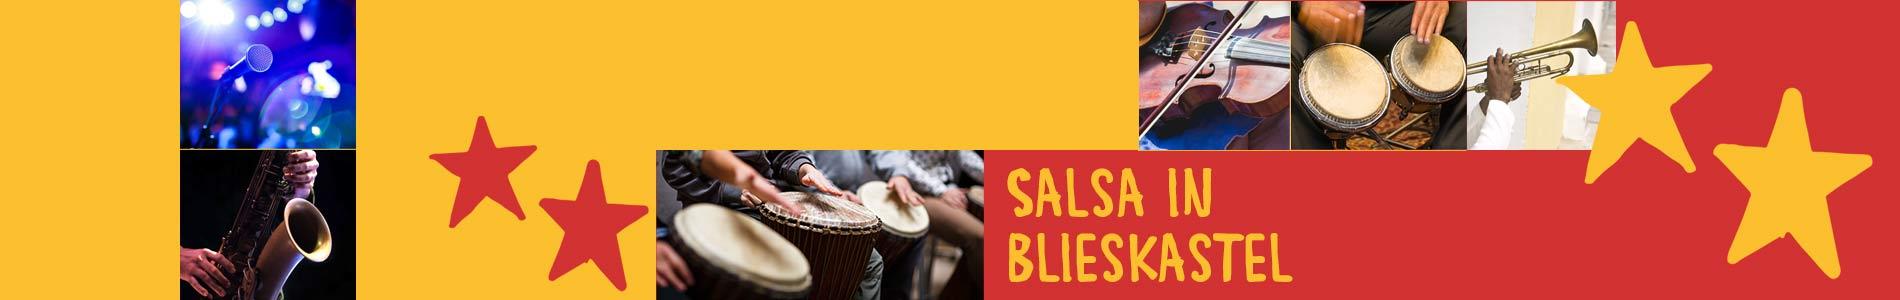 Salsa in Blieskastel – Salsa lernen und tanzen, Tanzkurse, Partys, Veranstaltungen